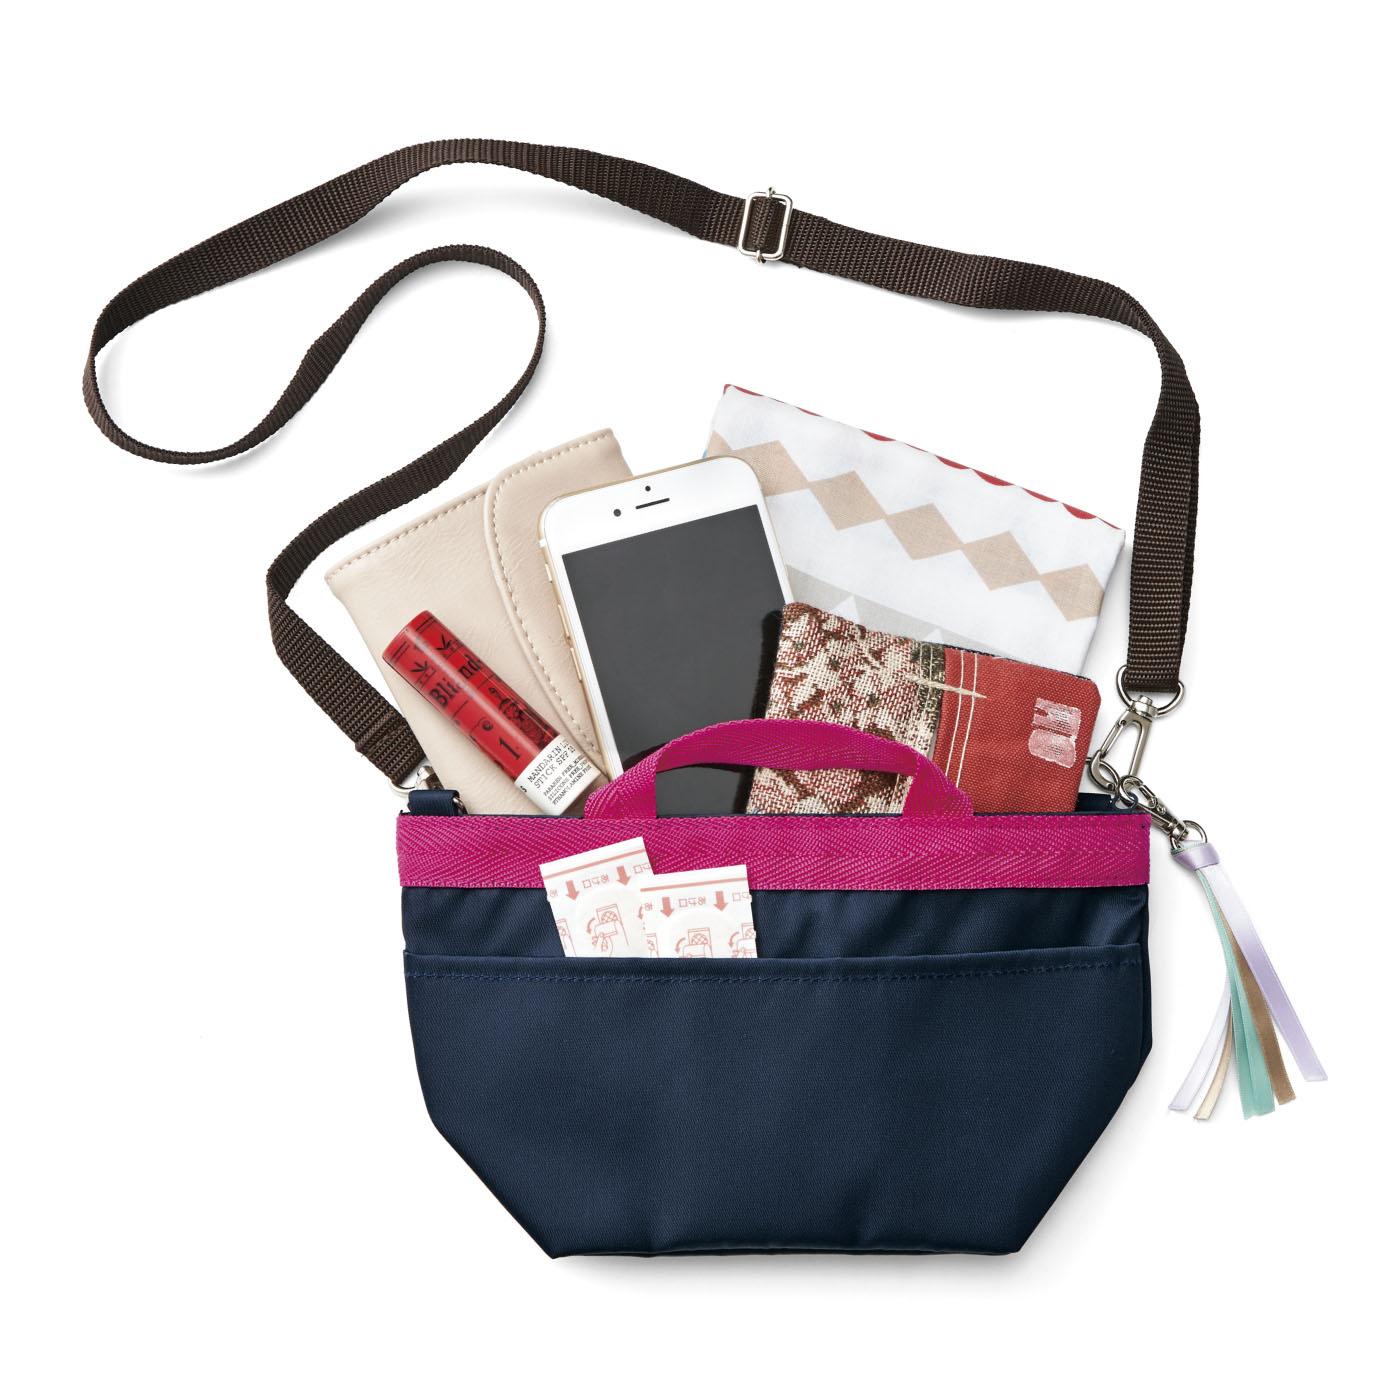 財布やスマホ、リップやばんそうこうなど必需品をたっぷり収納。